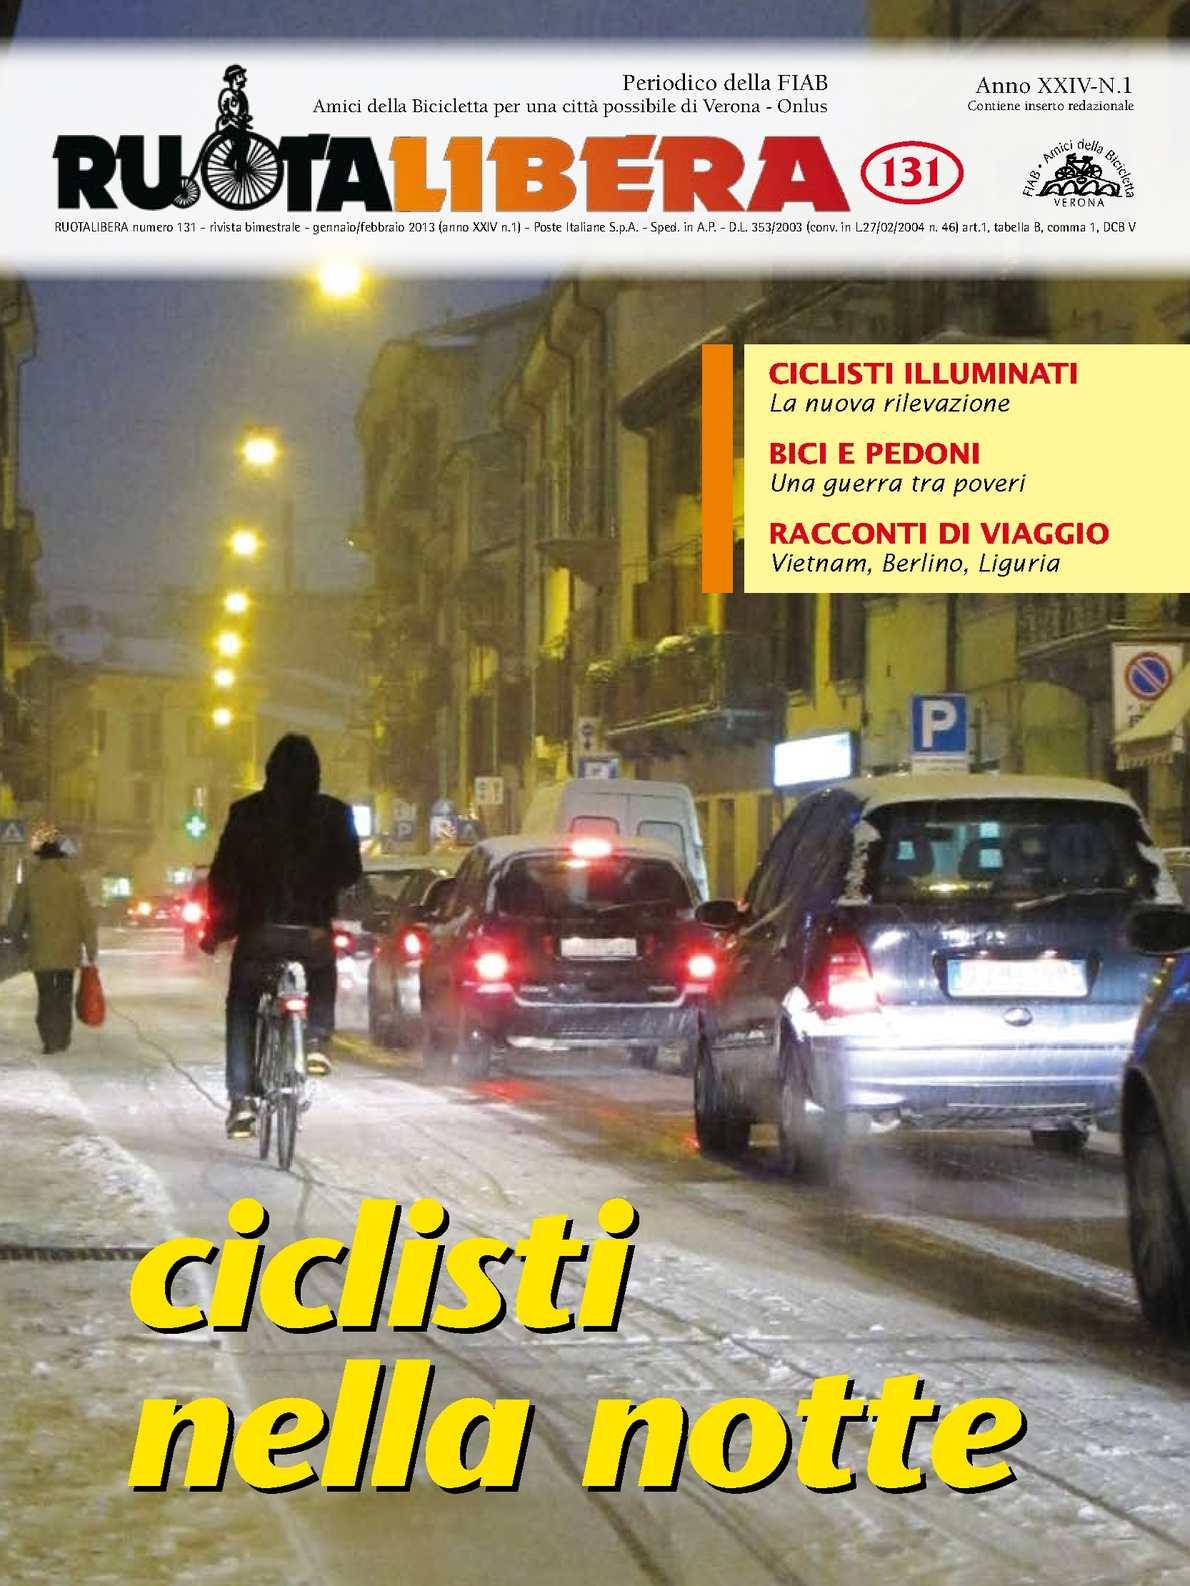 Ruotalibera 131 (gennaio/febbraio 2013) - FIAB AdB Verona